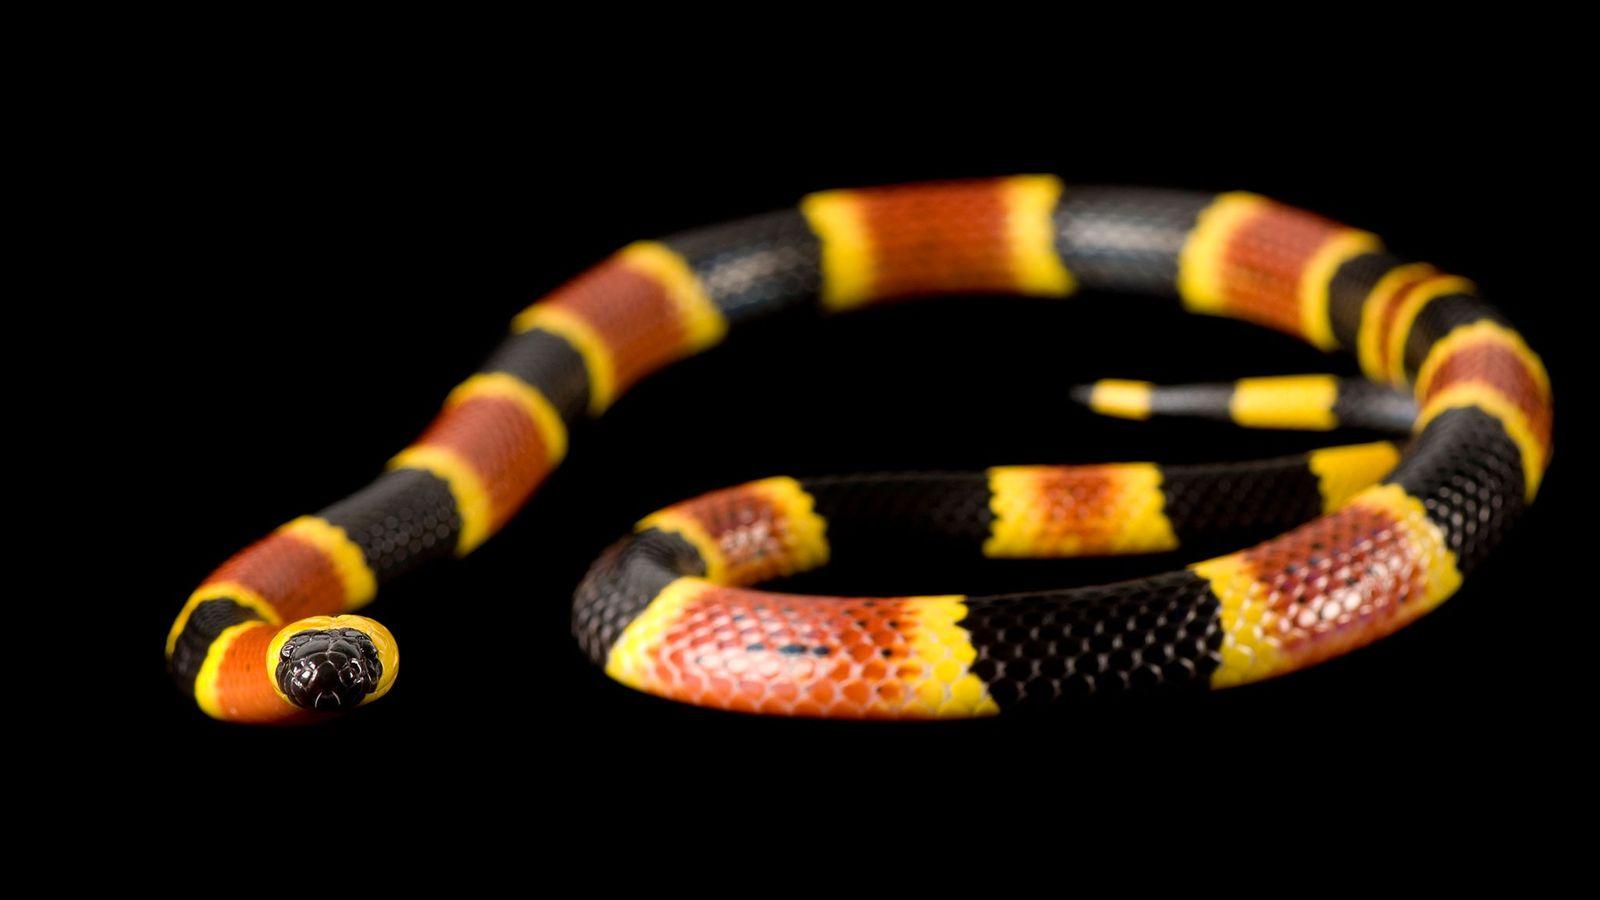 Photographié au zoo de Riverbanks en Caroline du Sud, ce serpent corail venimeux a un sosie ...